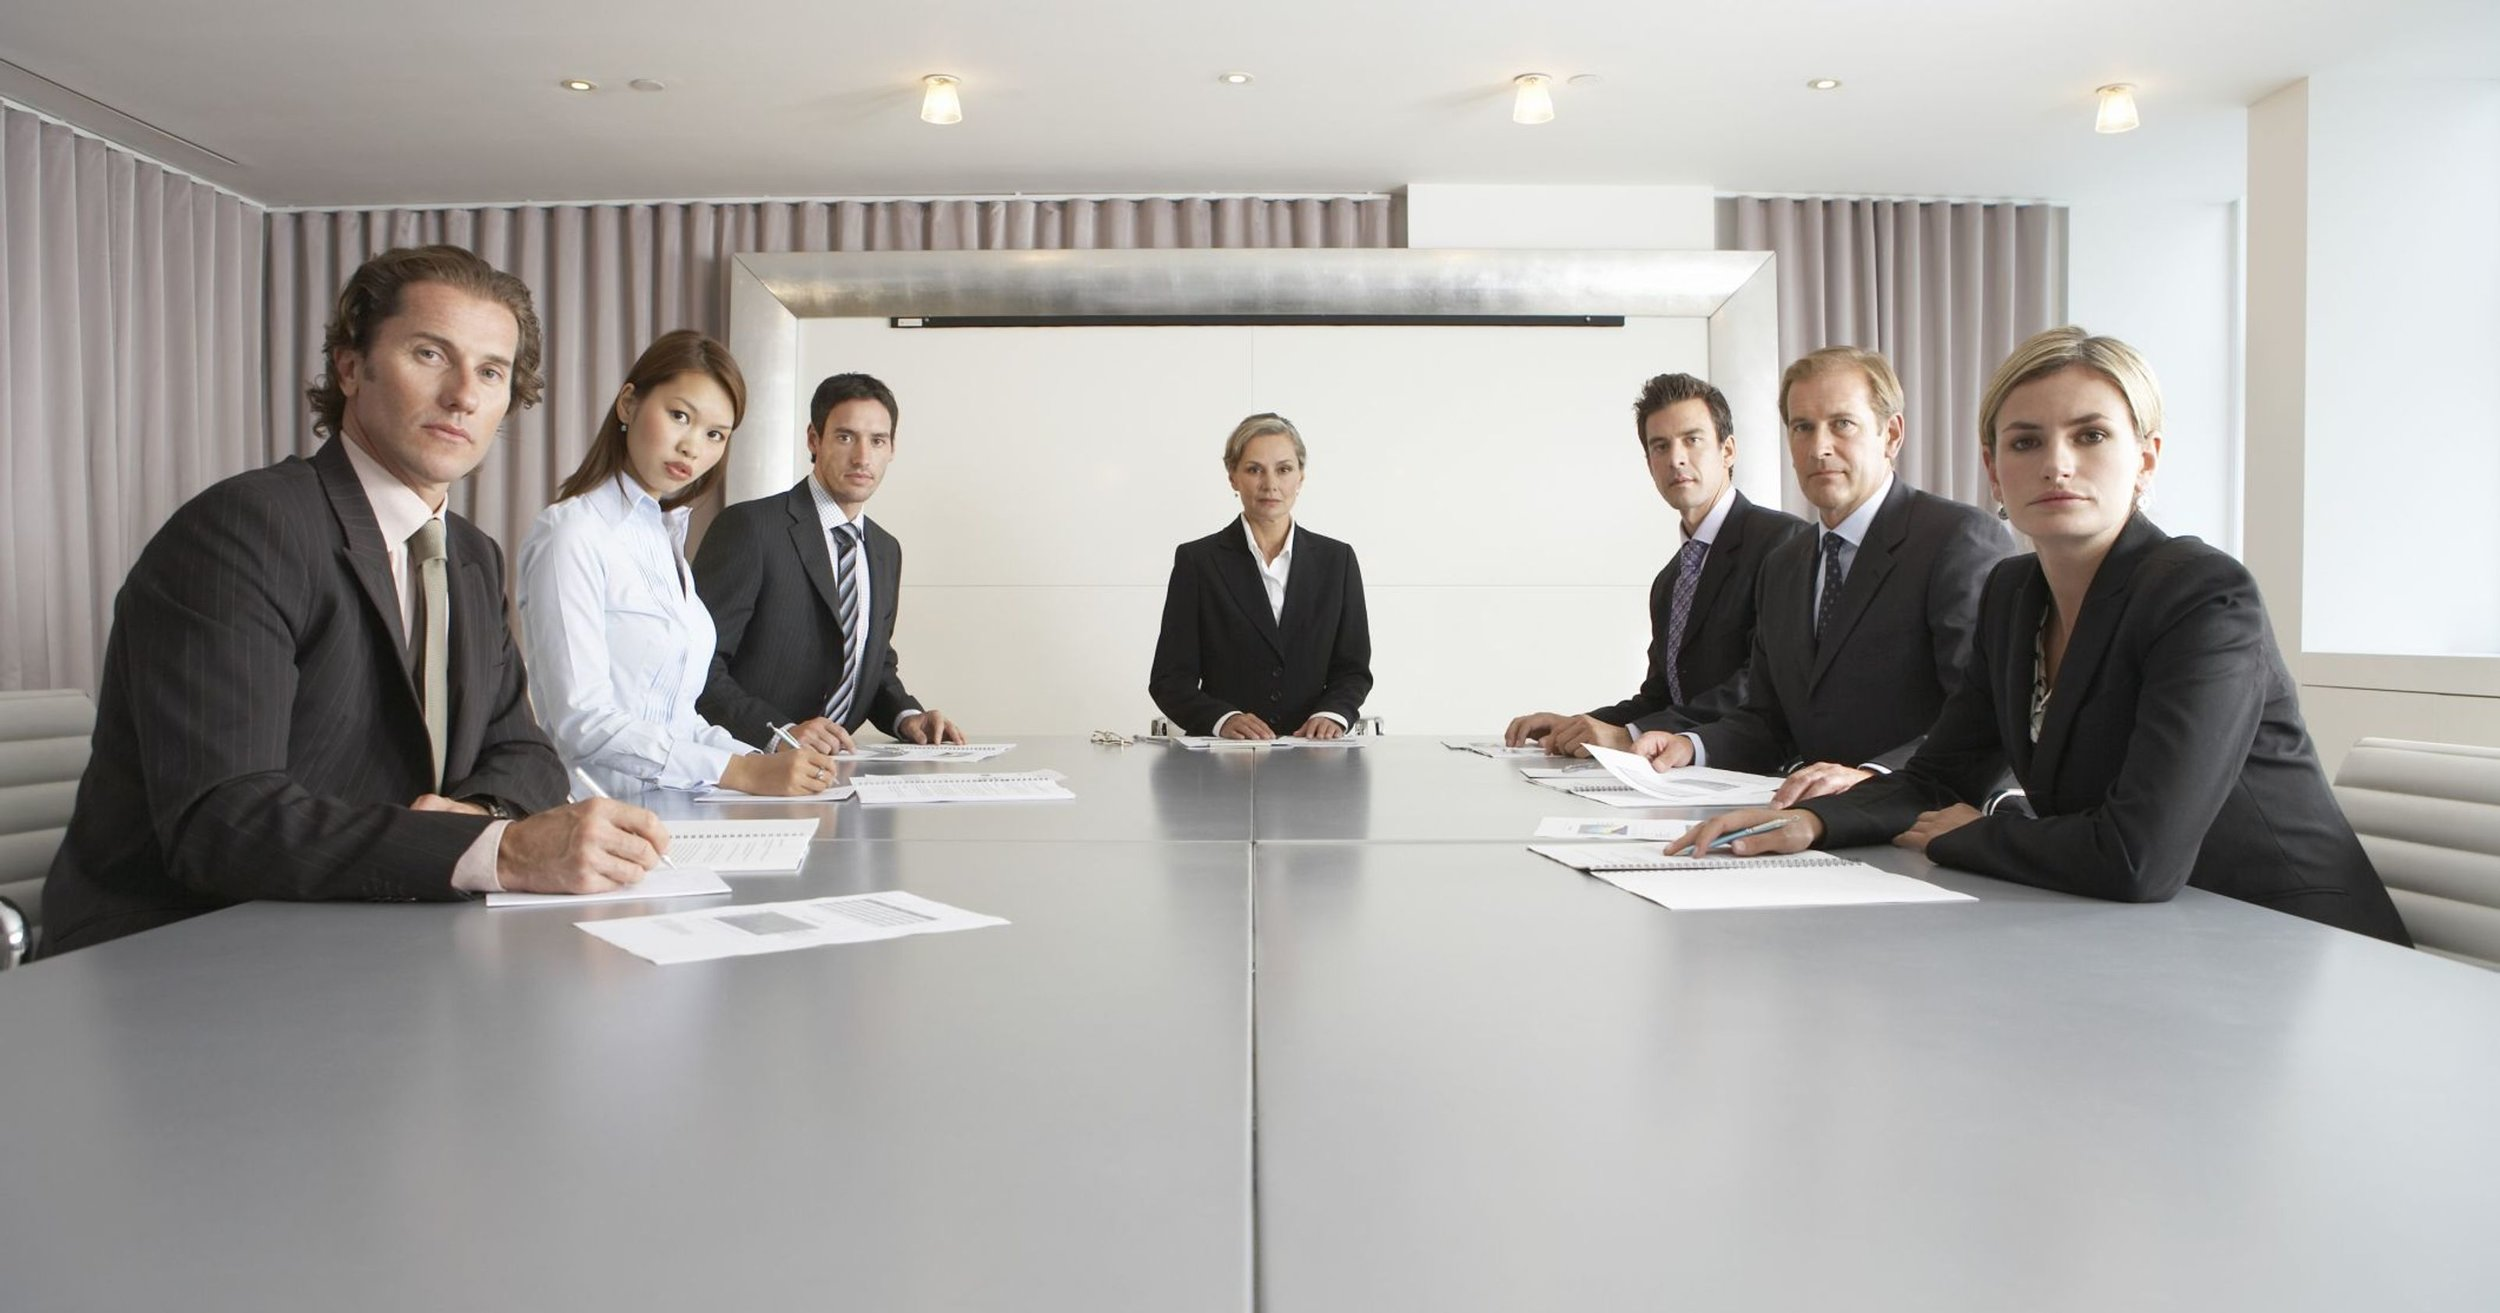 personal-advisory-board-mediaherz-adrianherz.jpg